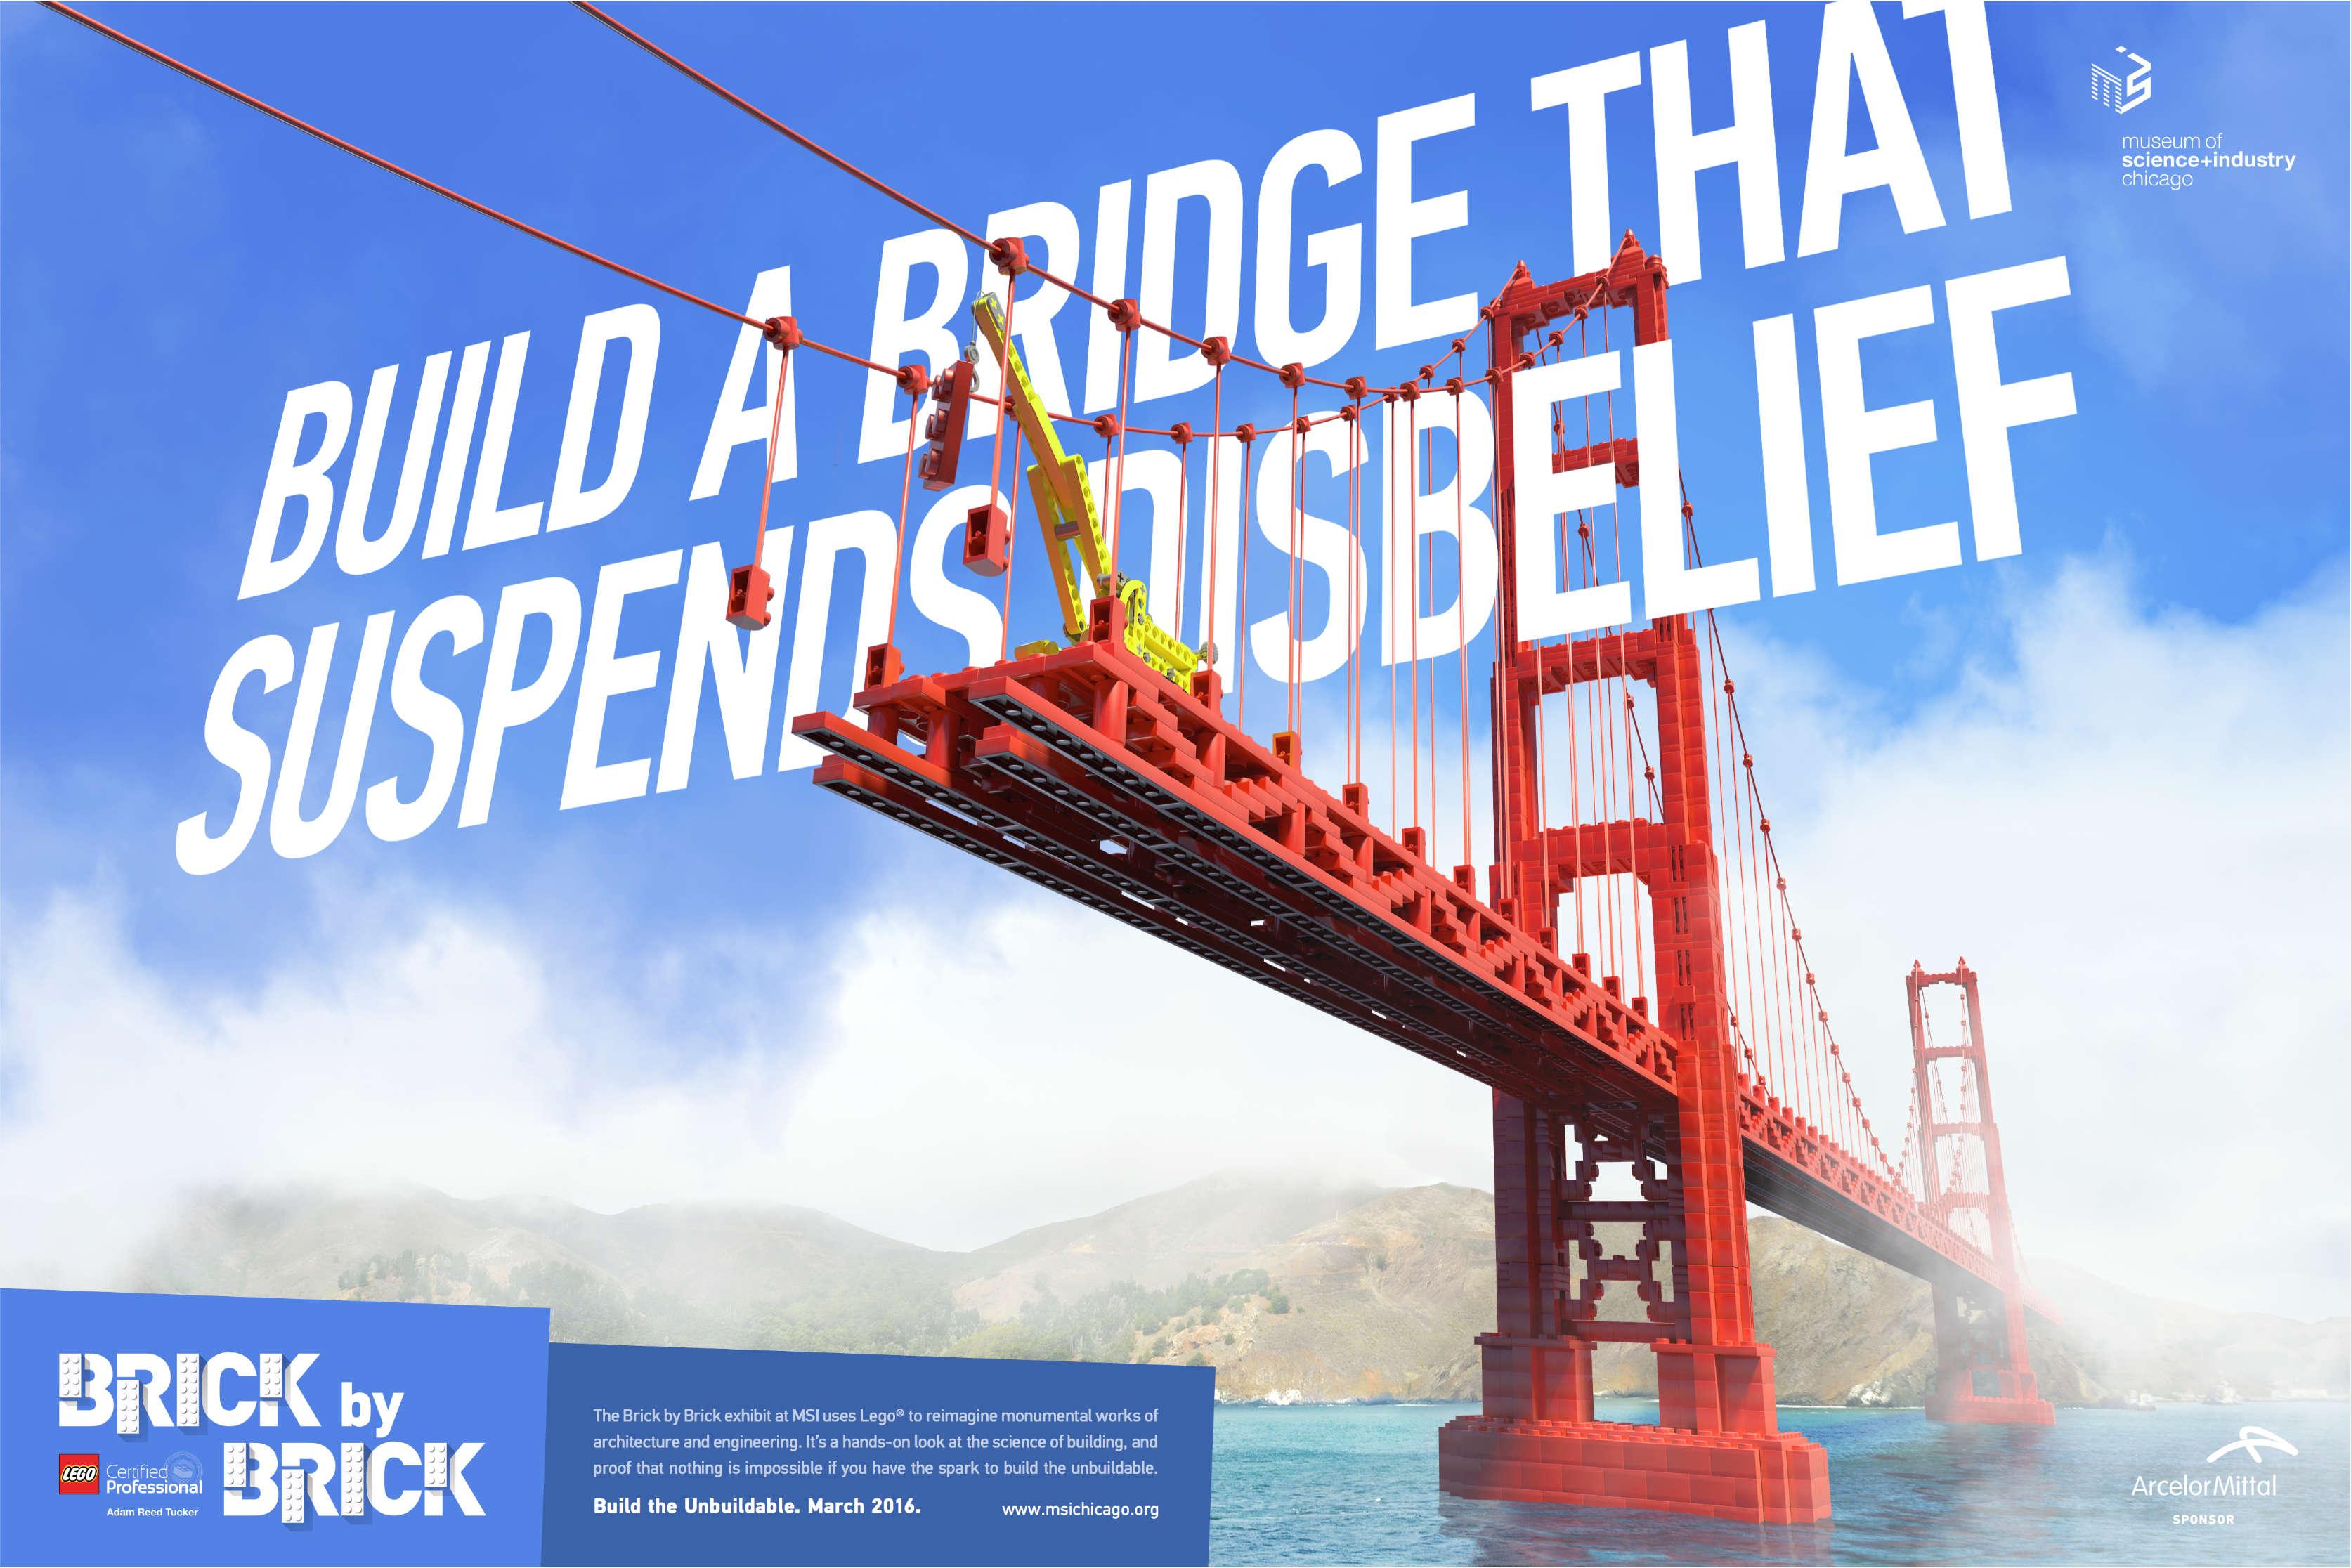 LEGO Bridge Museum Advertisement Design